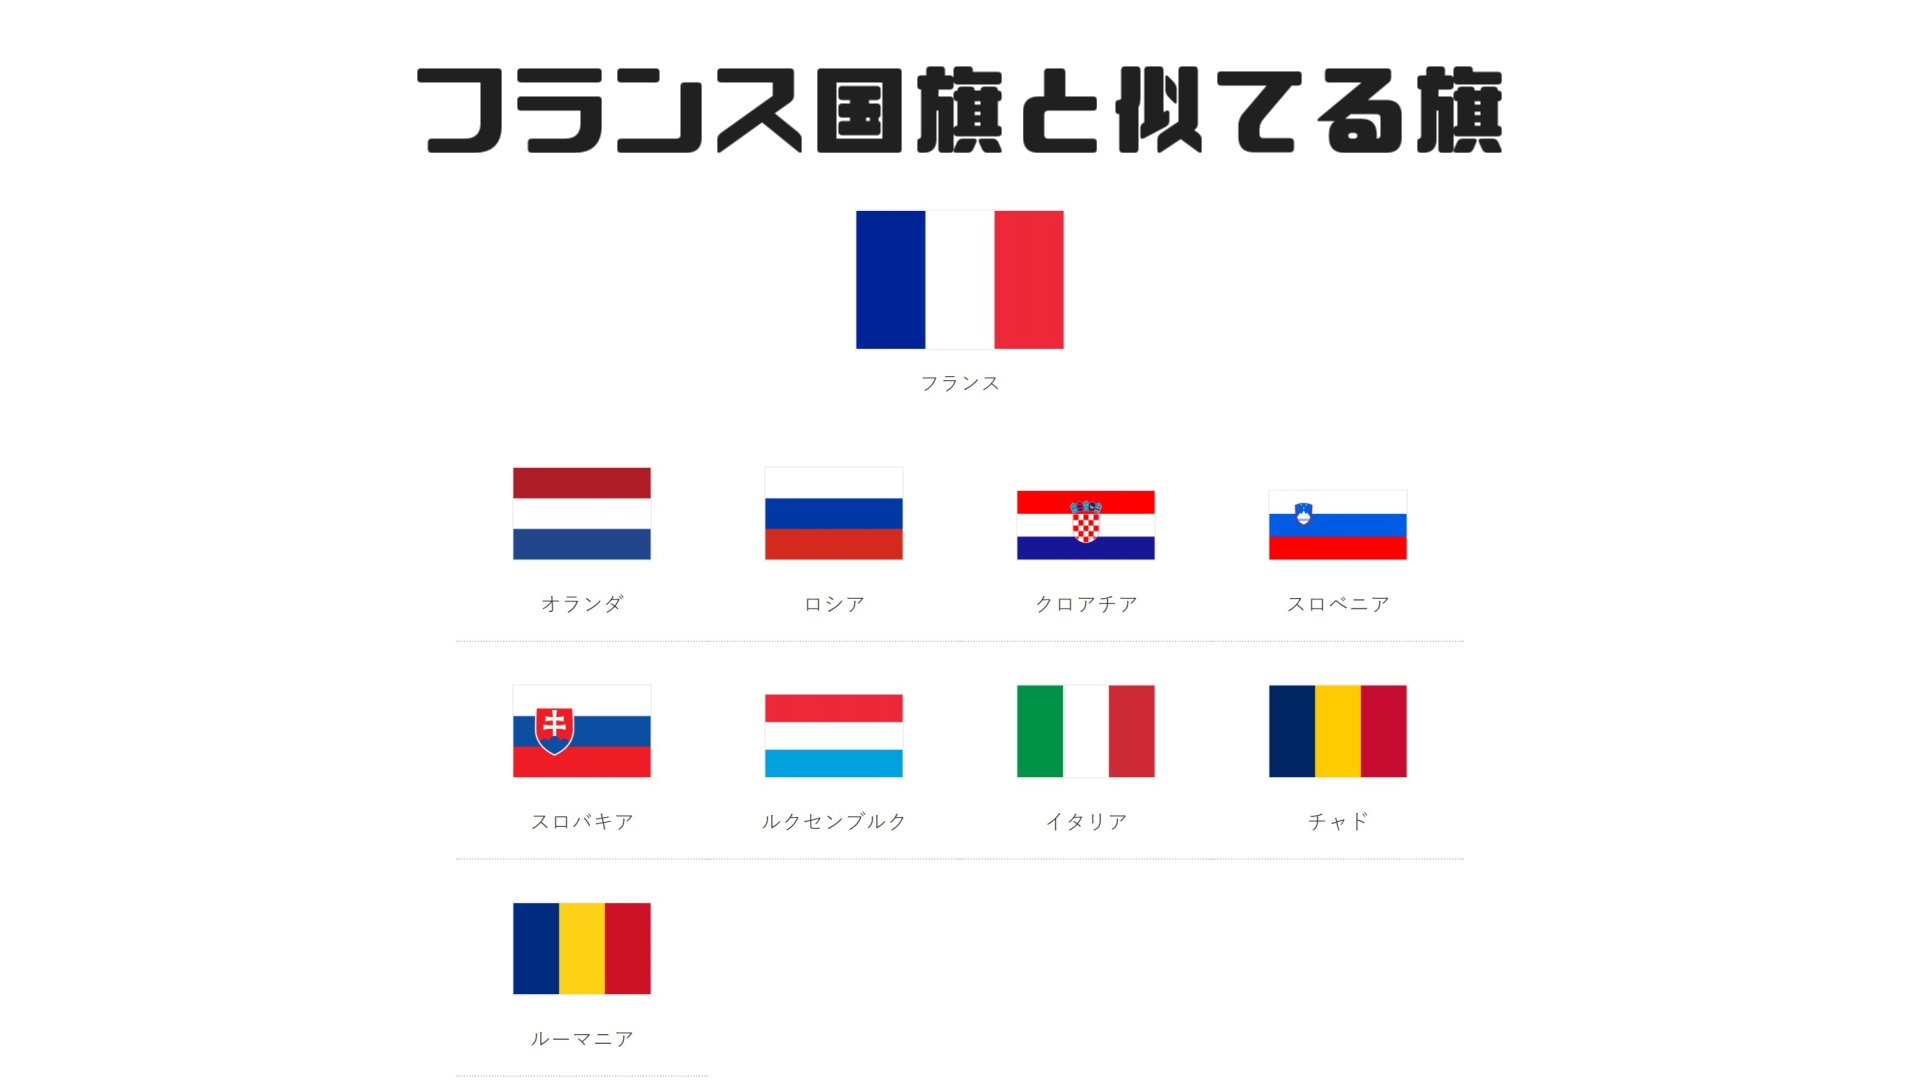 フランス国旗の意味と由来、似てる国旗は?